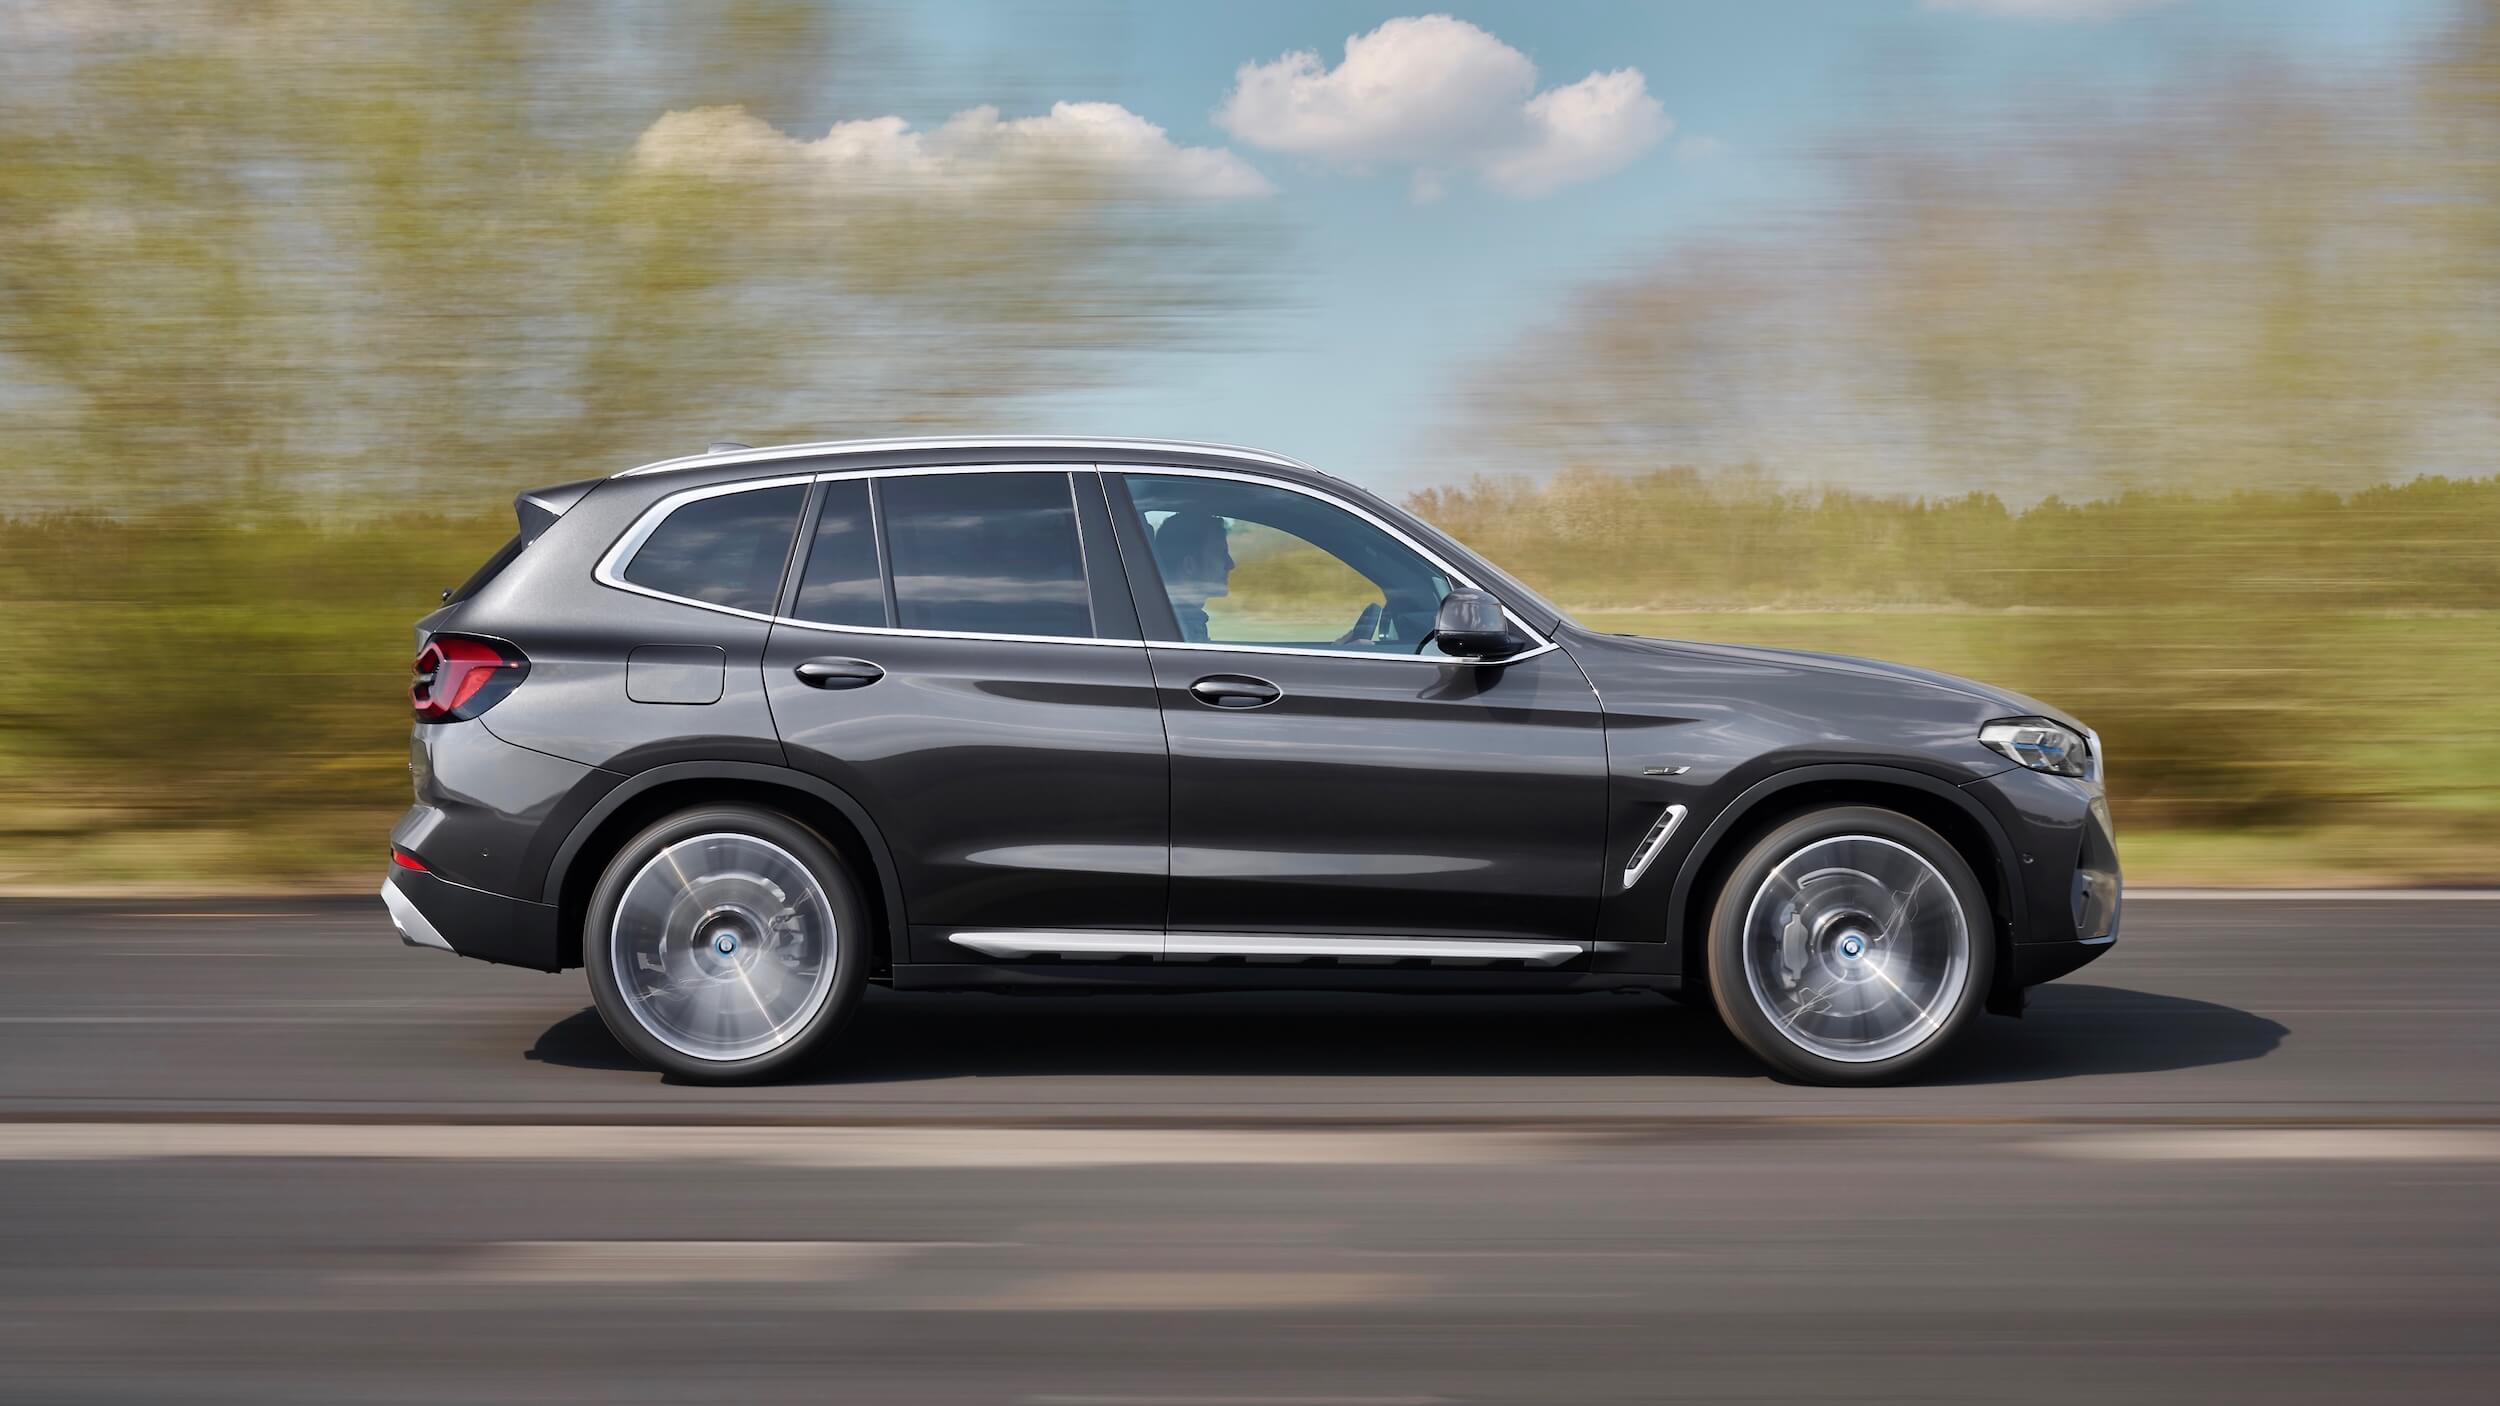 BMW X3 xDrive30e facelift profile